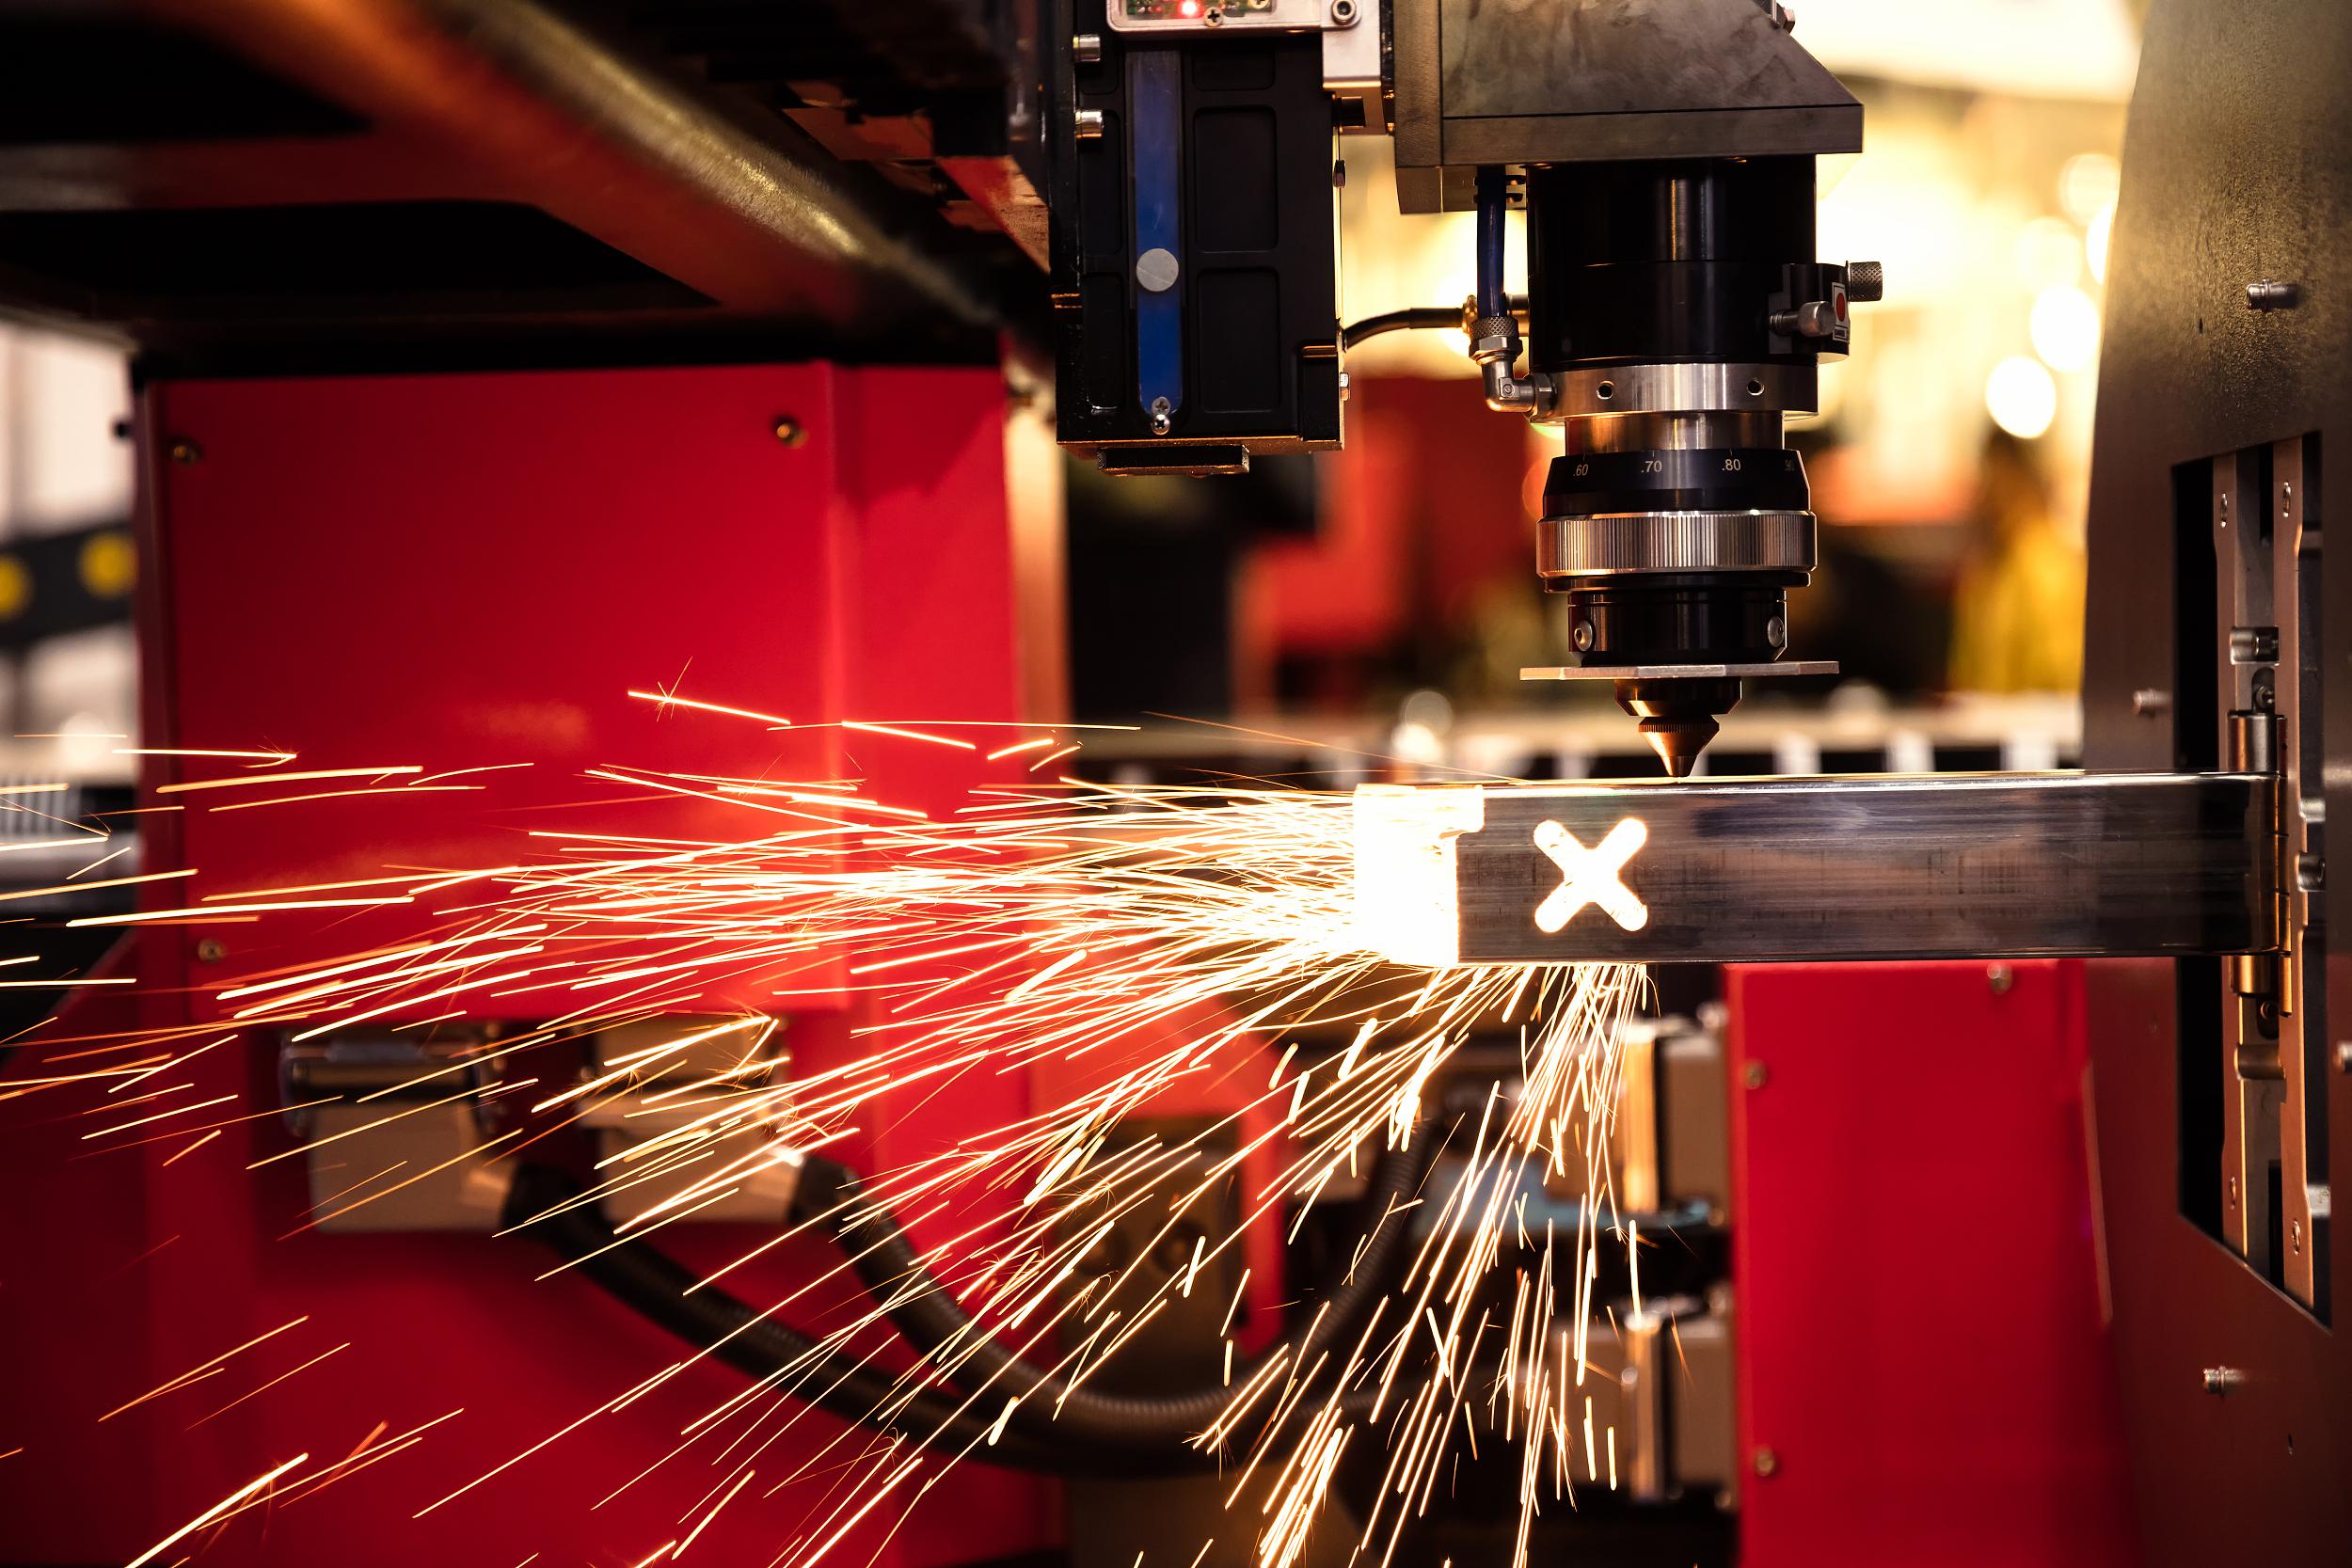 中国7月规模以上工业企业利润同比增长16.4% 六成行业利润同比增长